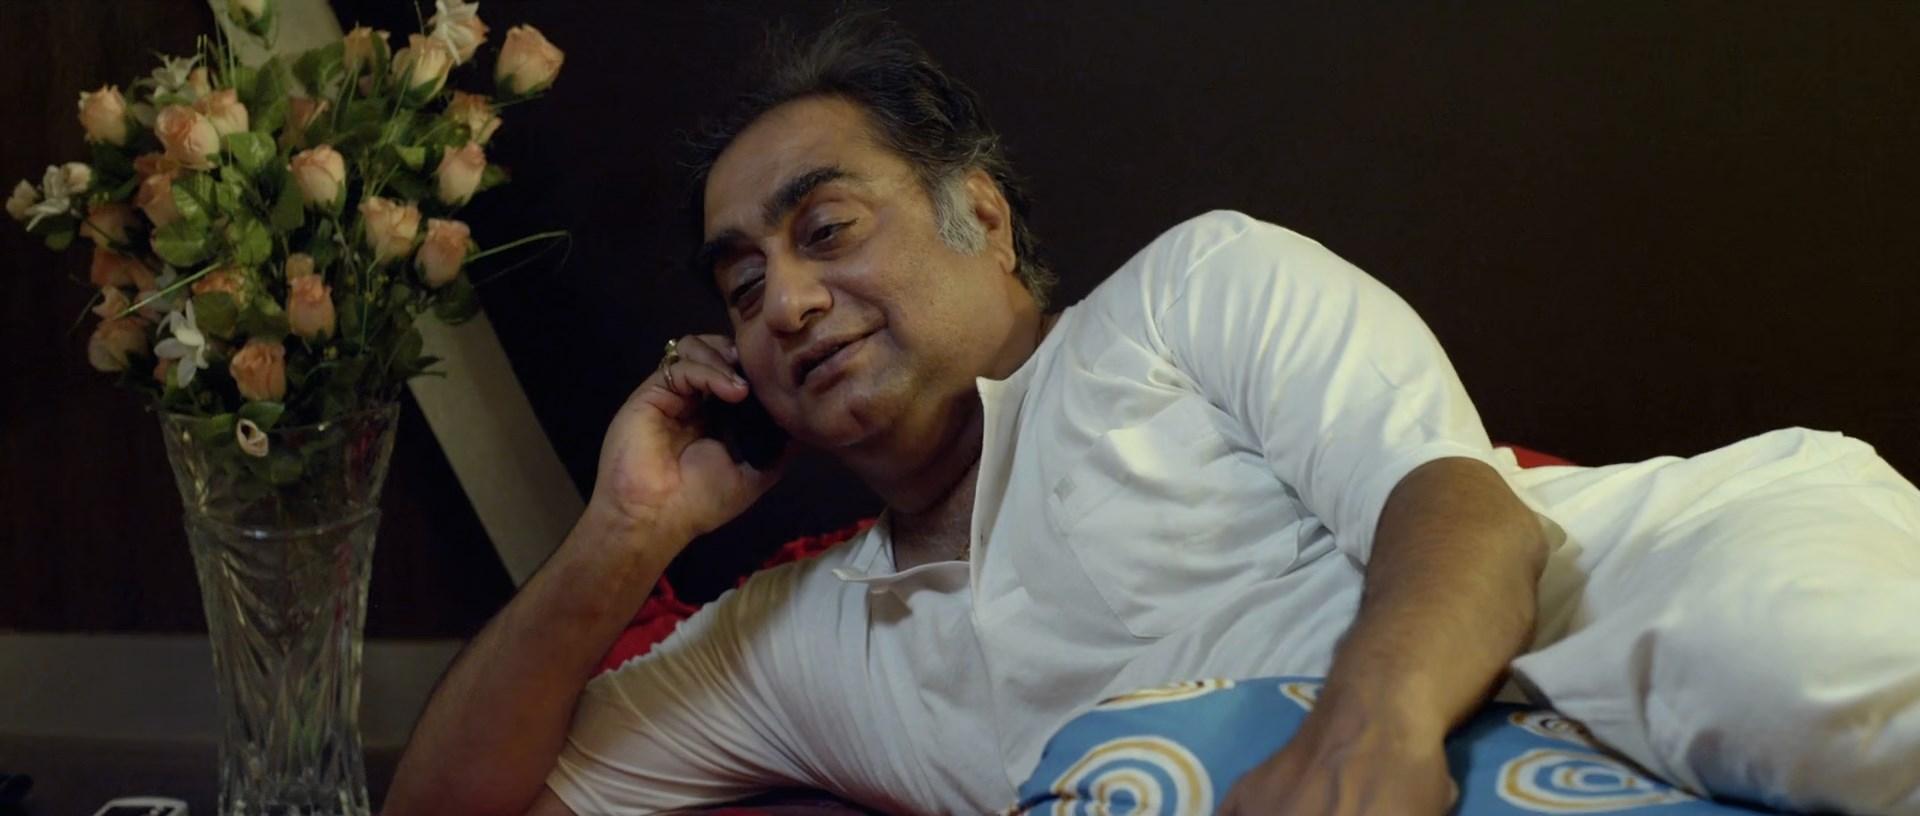 Dharasnan 2018 Bengali 1080P WEBRiP.mkv snapshot 00.21.27.668